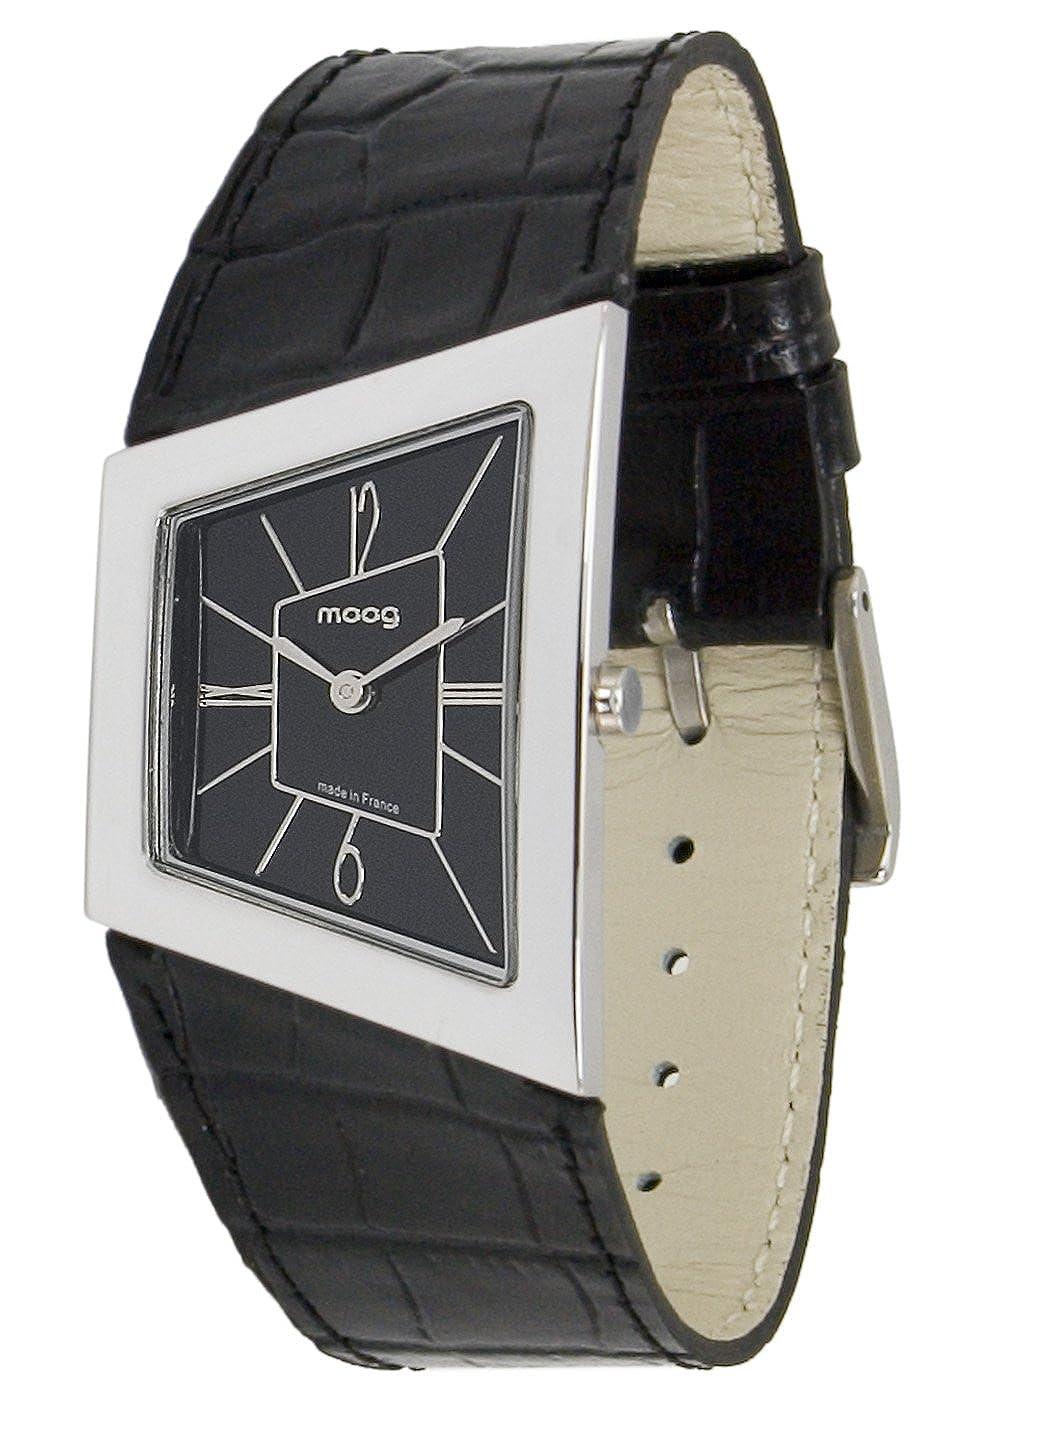 [ムック]moog 腕時計 Fashionista ブラック